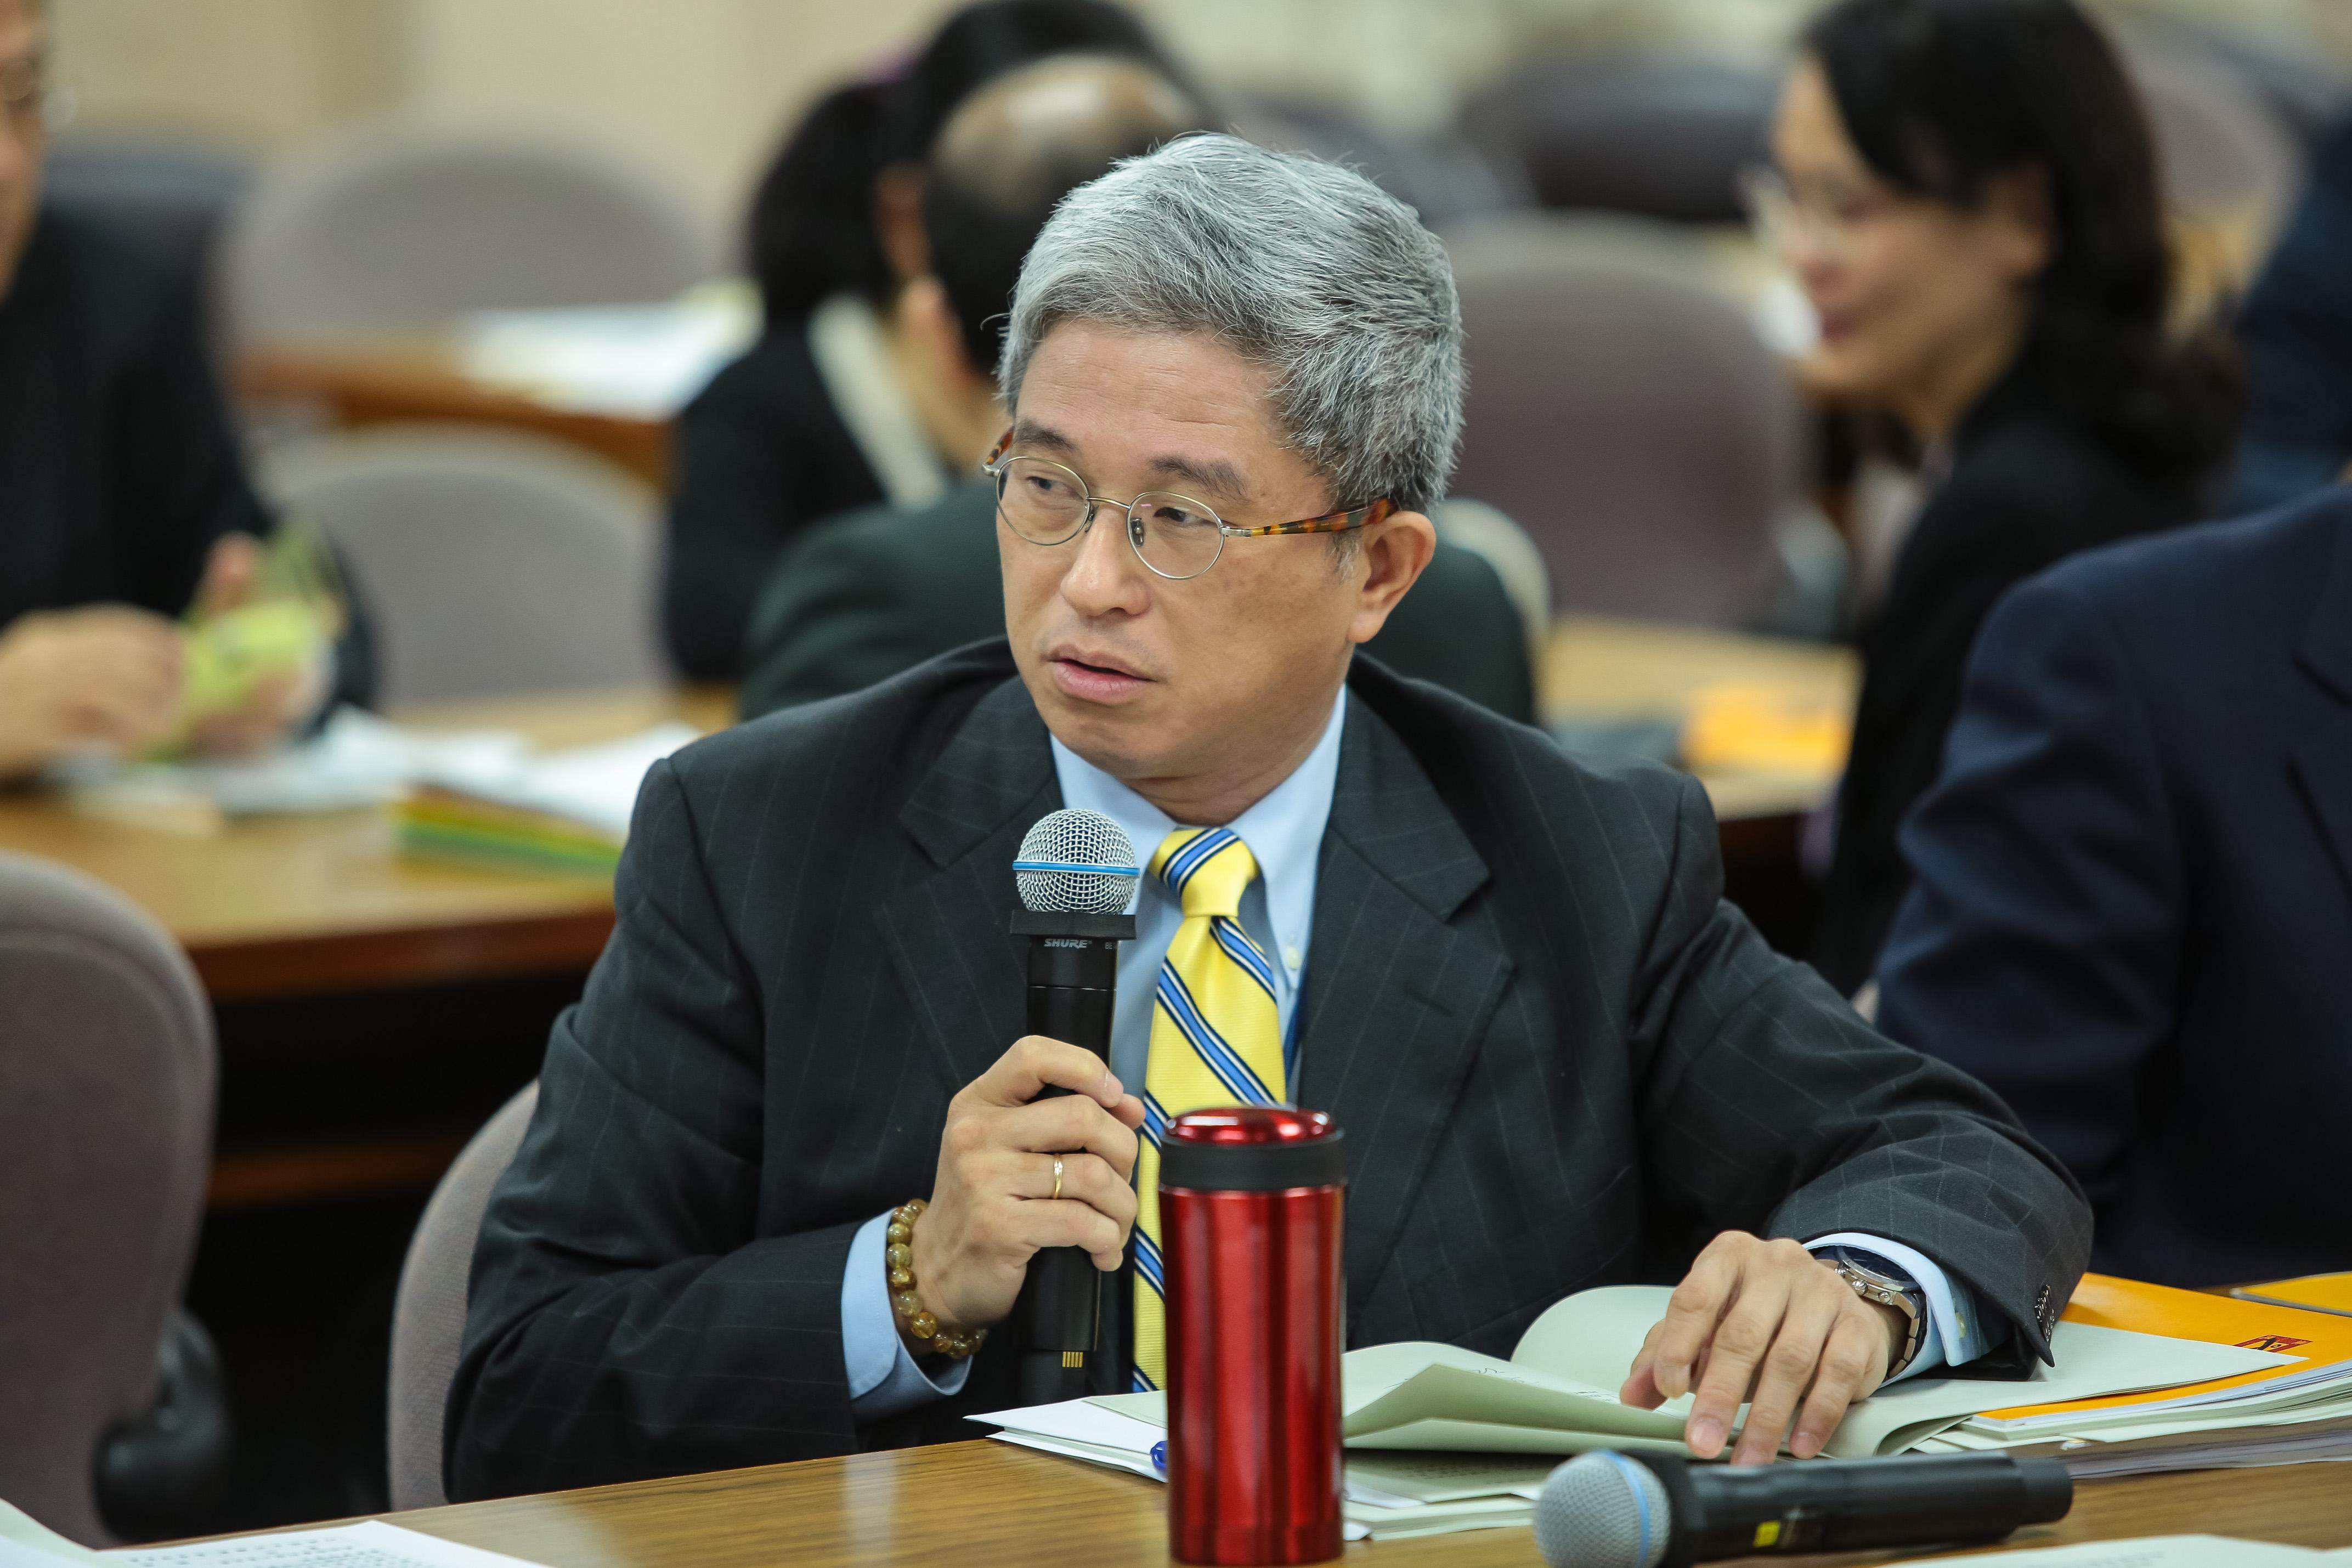 20171214-台灣民主基金會執行長徐斯儉14日出席外交國防委員會審查預算。(顏麟宇攝)